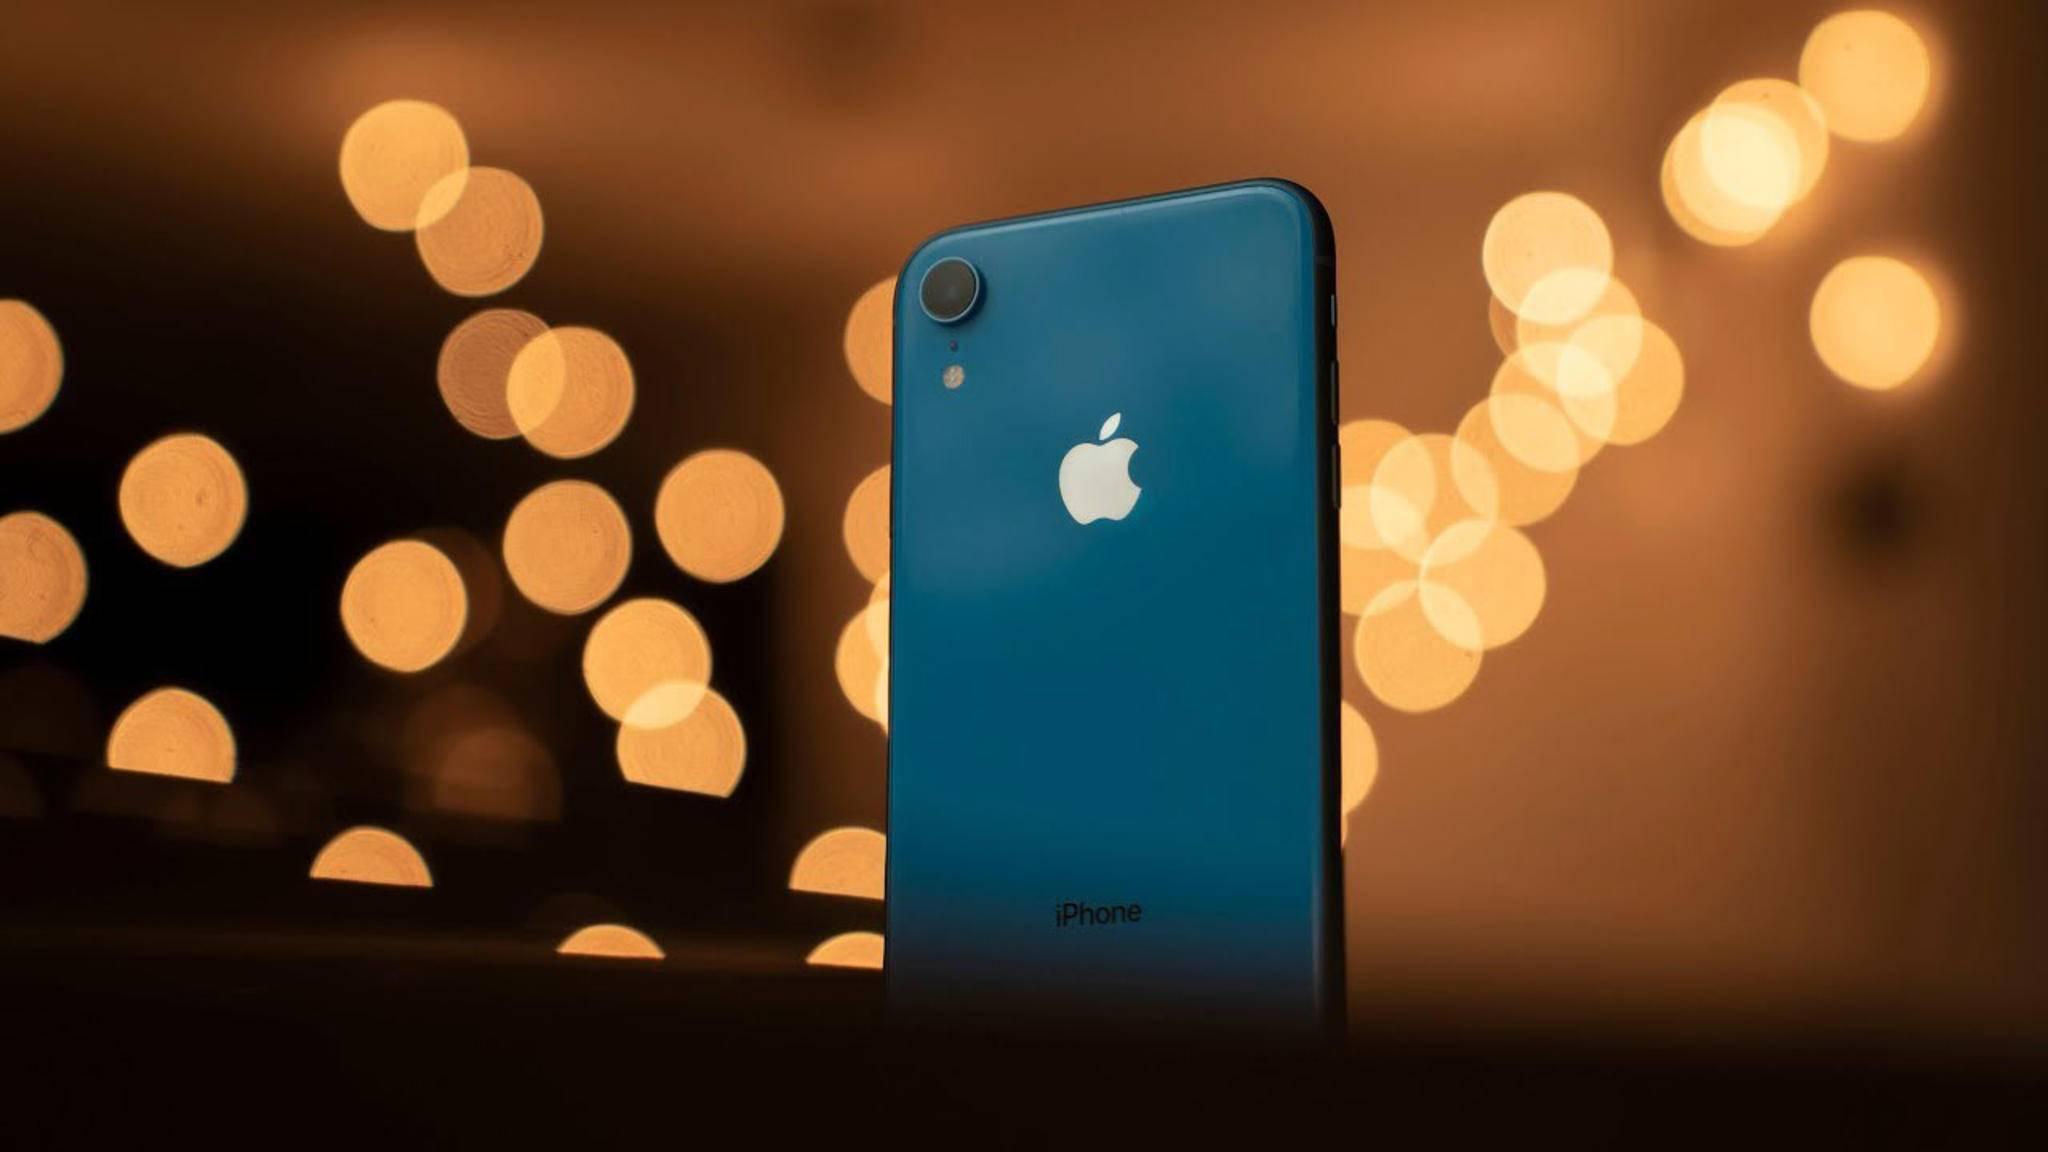 Für das iPhone XR hat Apple eine neue Version von iOS 12.1 veröffentlicht.